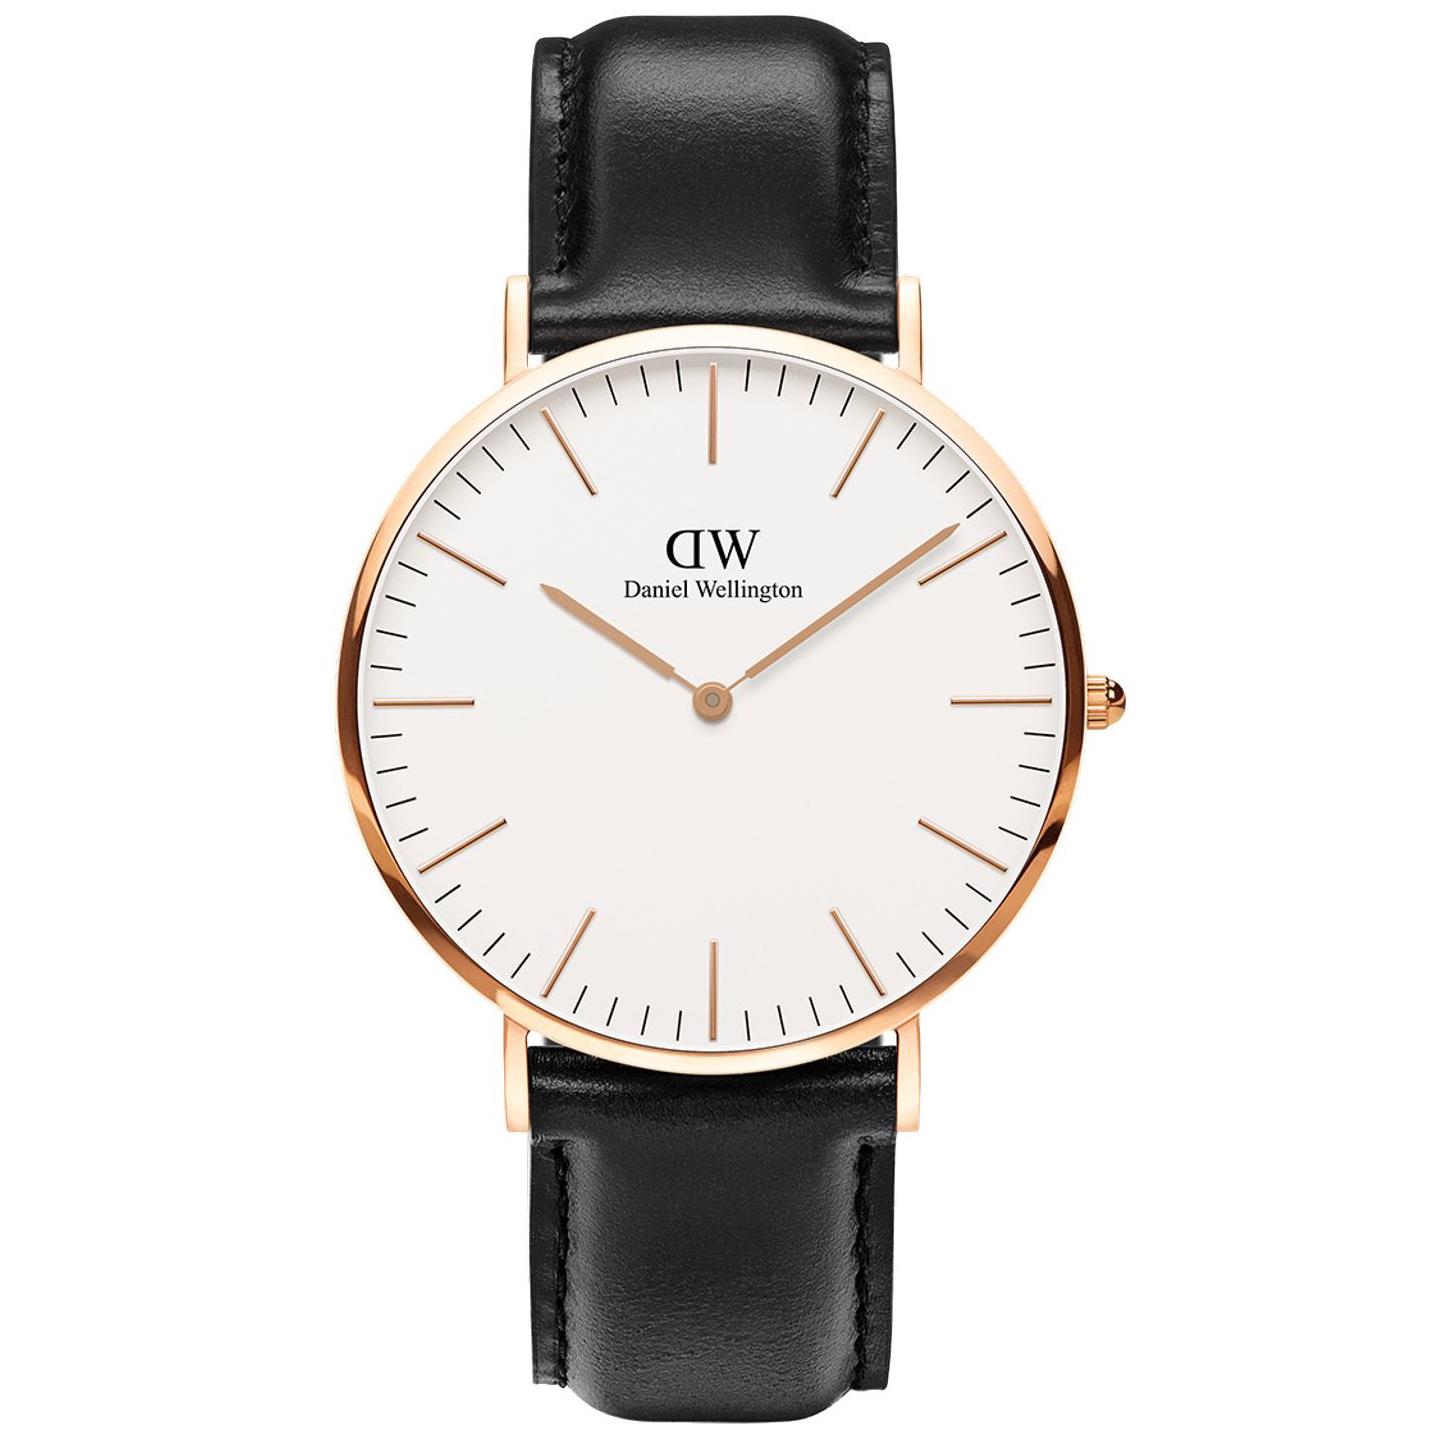 ساعت مچی عقربه ای مردانه مدل شفیلد کد DW-1202